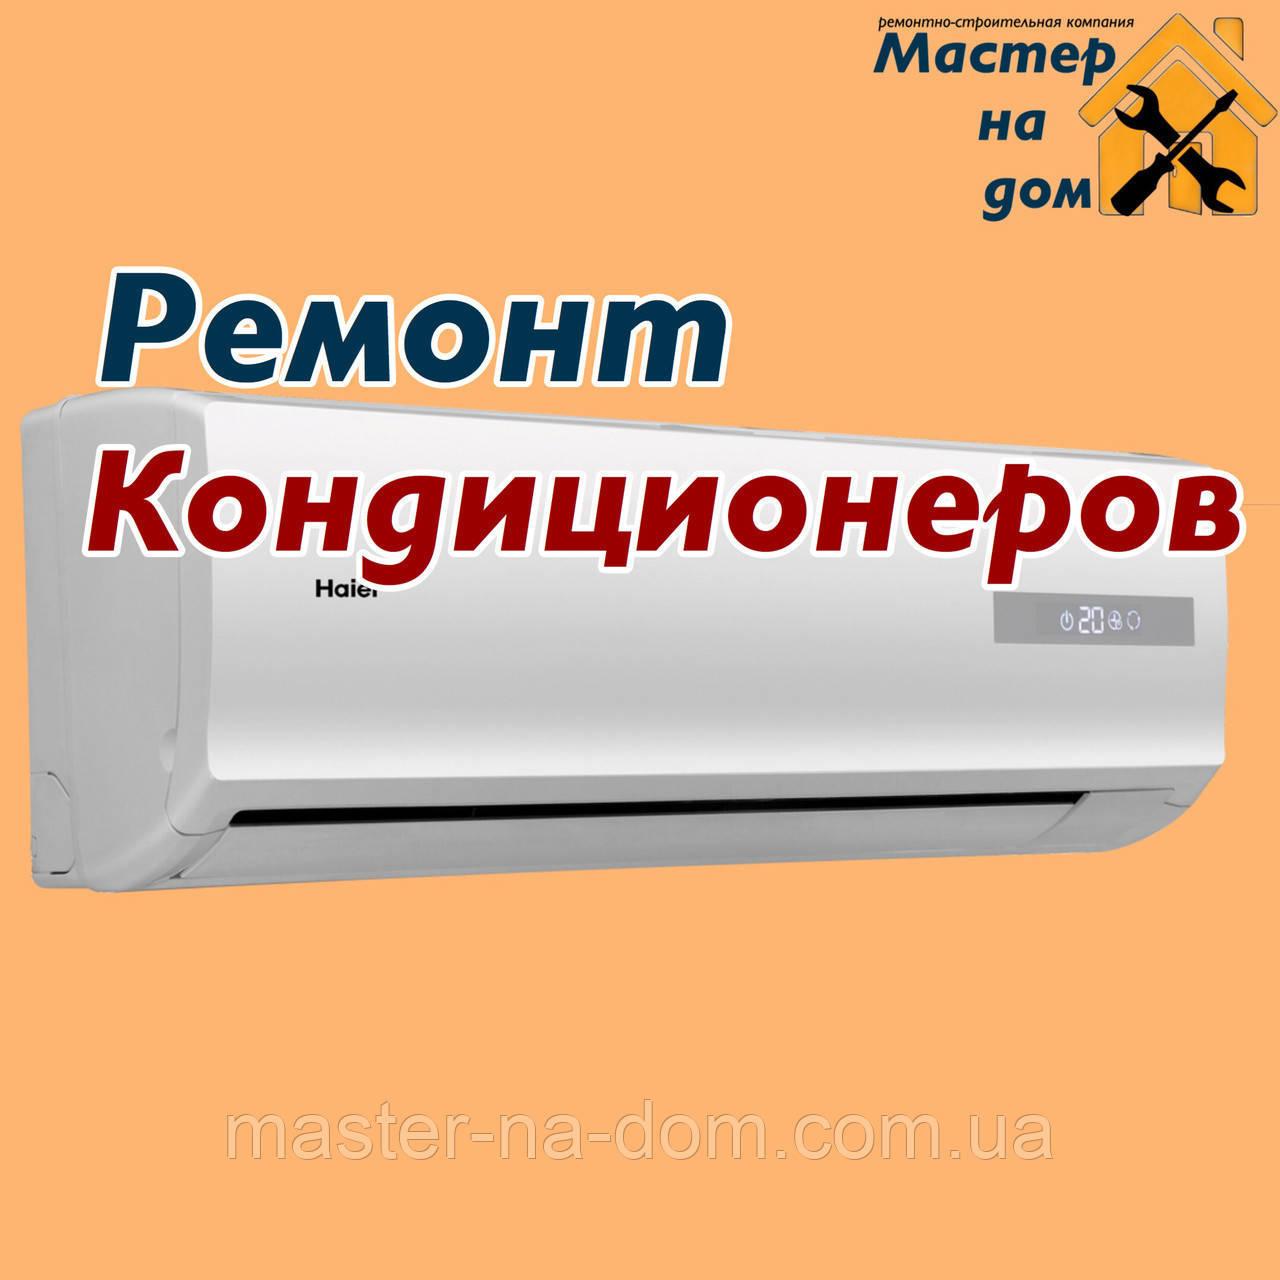 Ремонт кондиціонерів у Луцьку